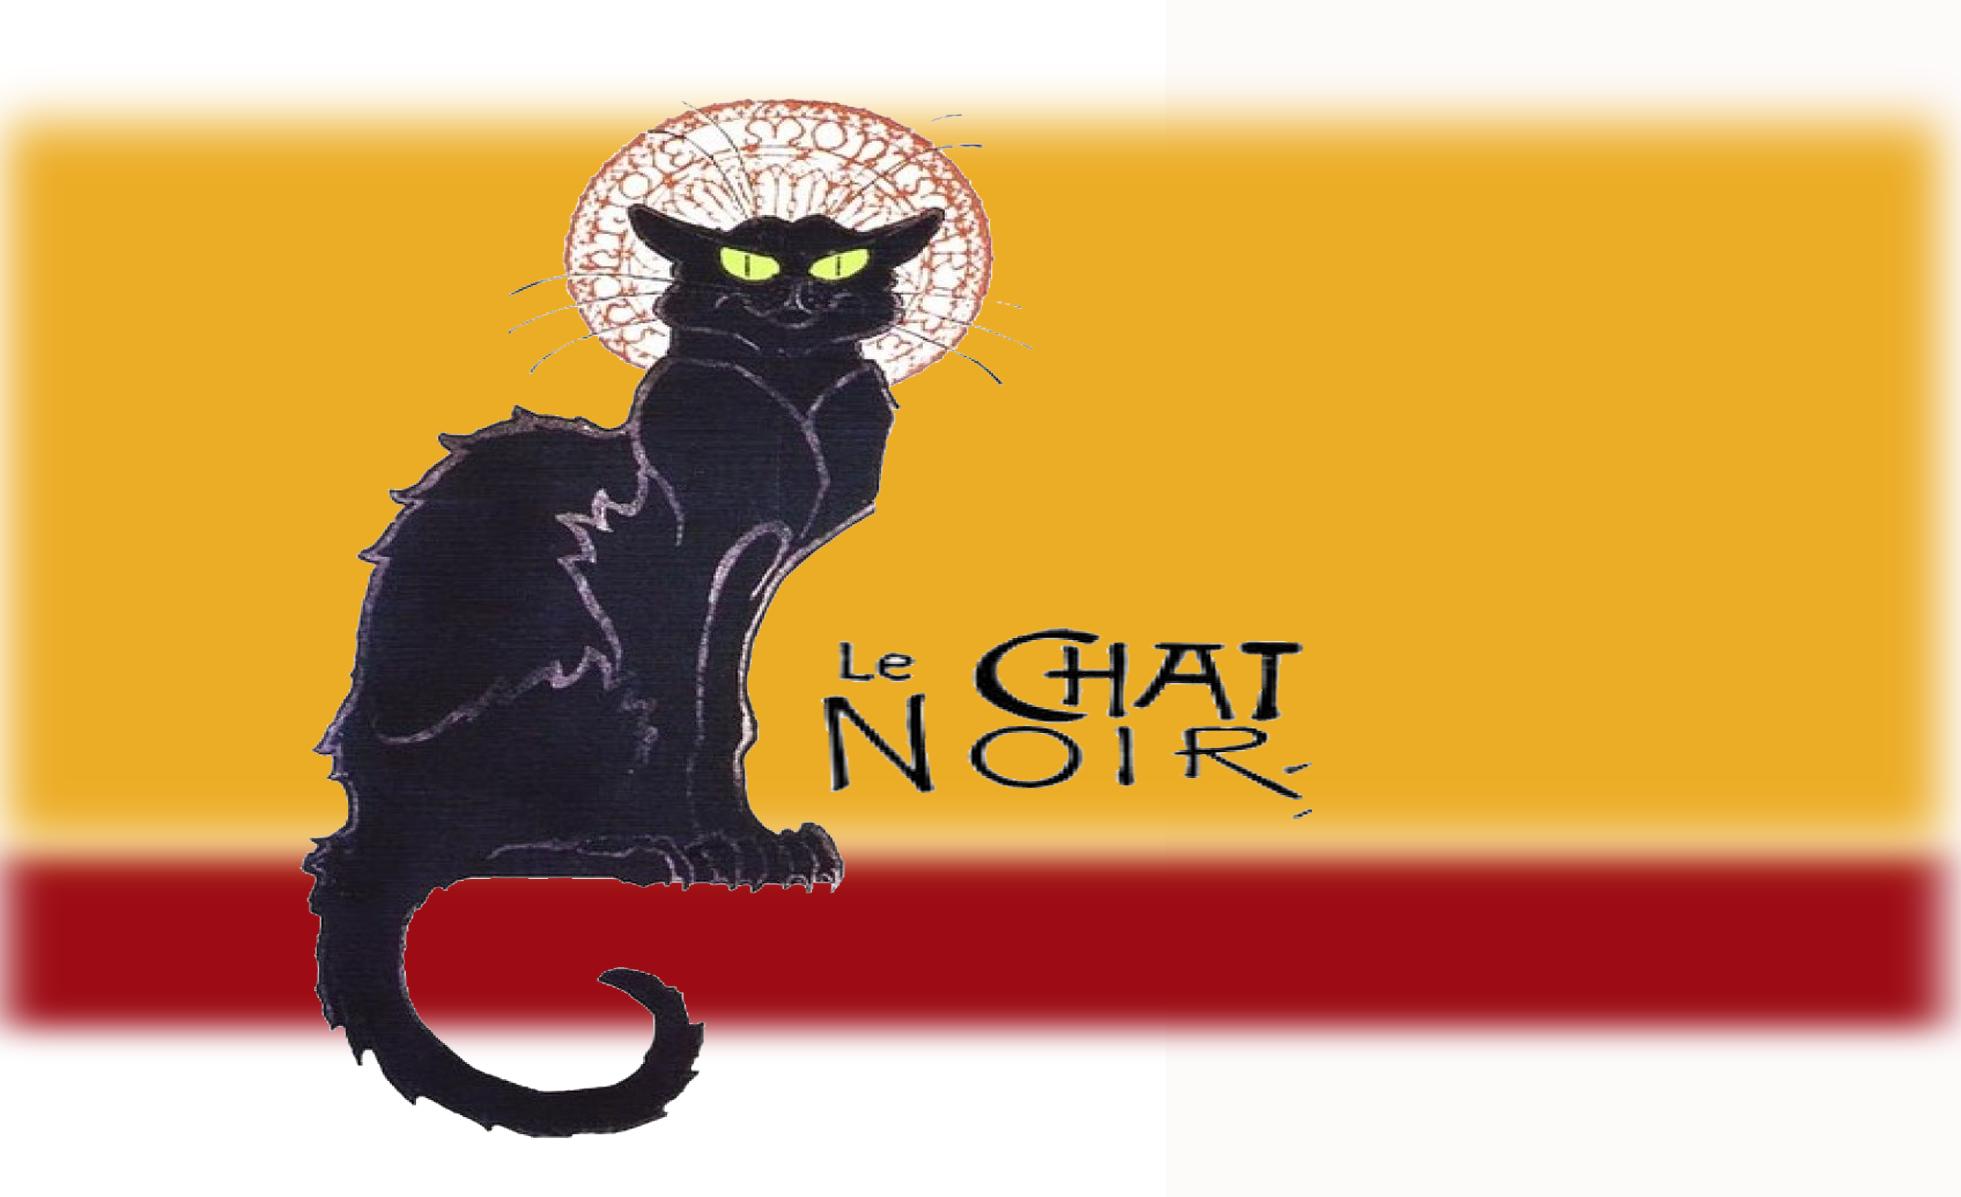 Le chat noir - Kabarett & Kultur in Frankreich